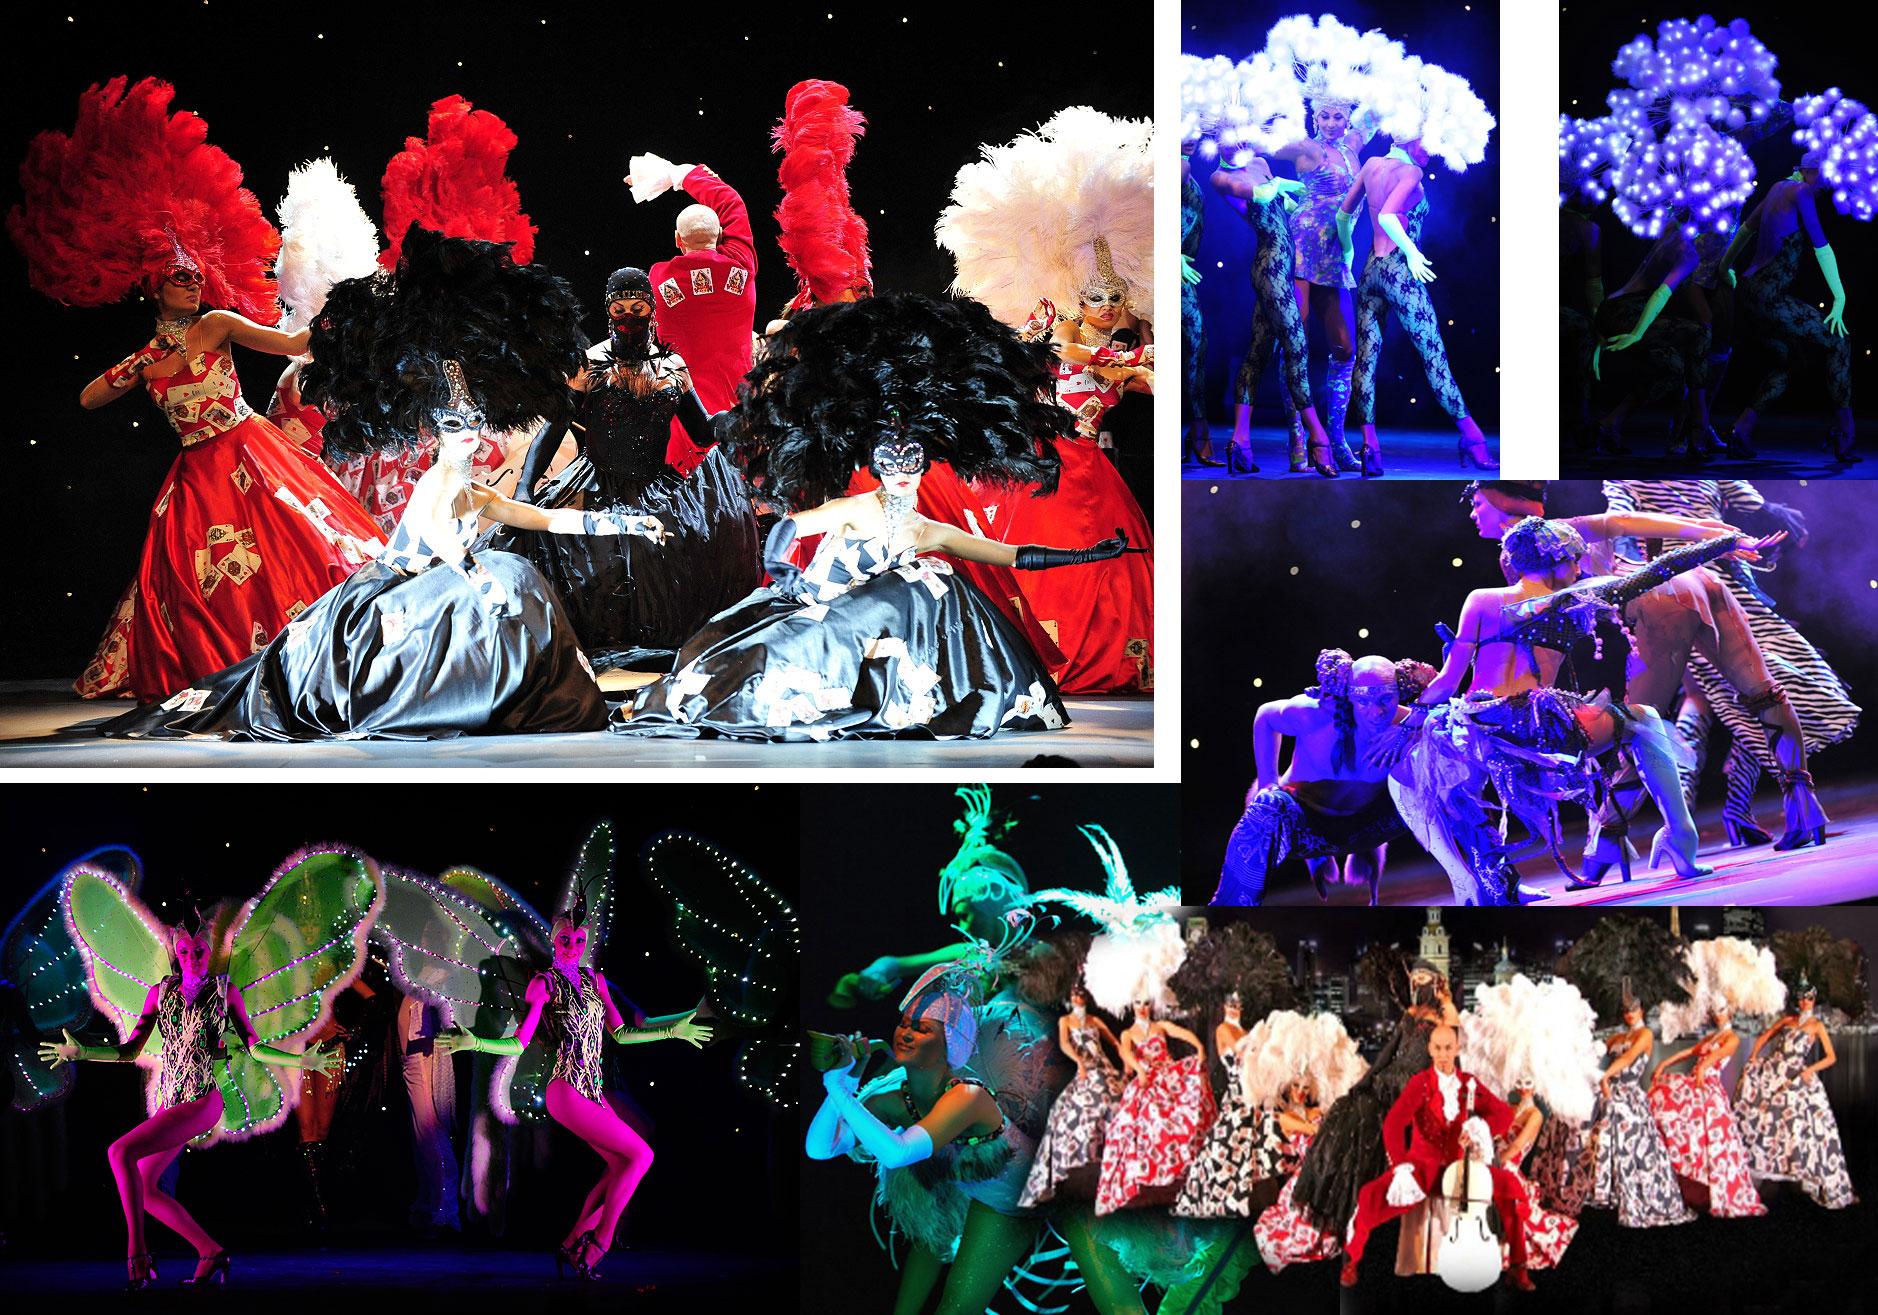 модерн шоу, модерн балет, модерн шоу программа. шоу модерн, роскошное шоу, шоу, шоу, шоу, шоу, шоу, шоу, шоу,